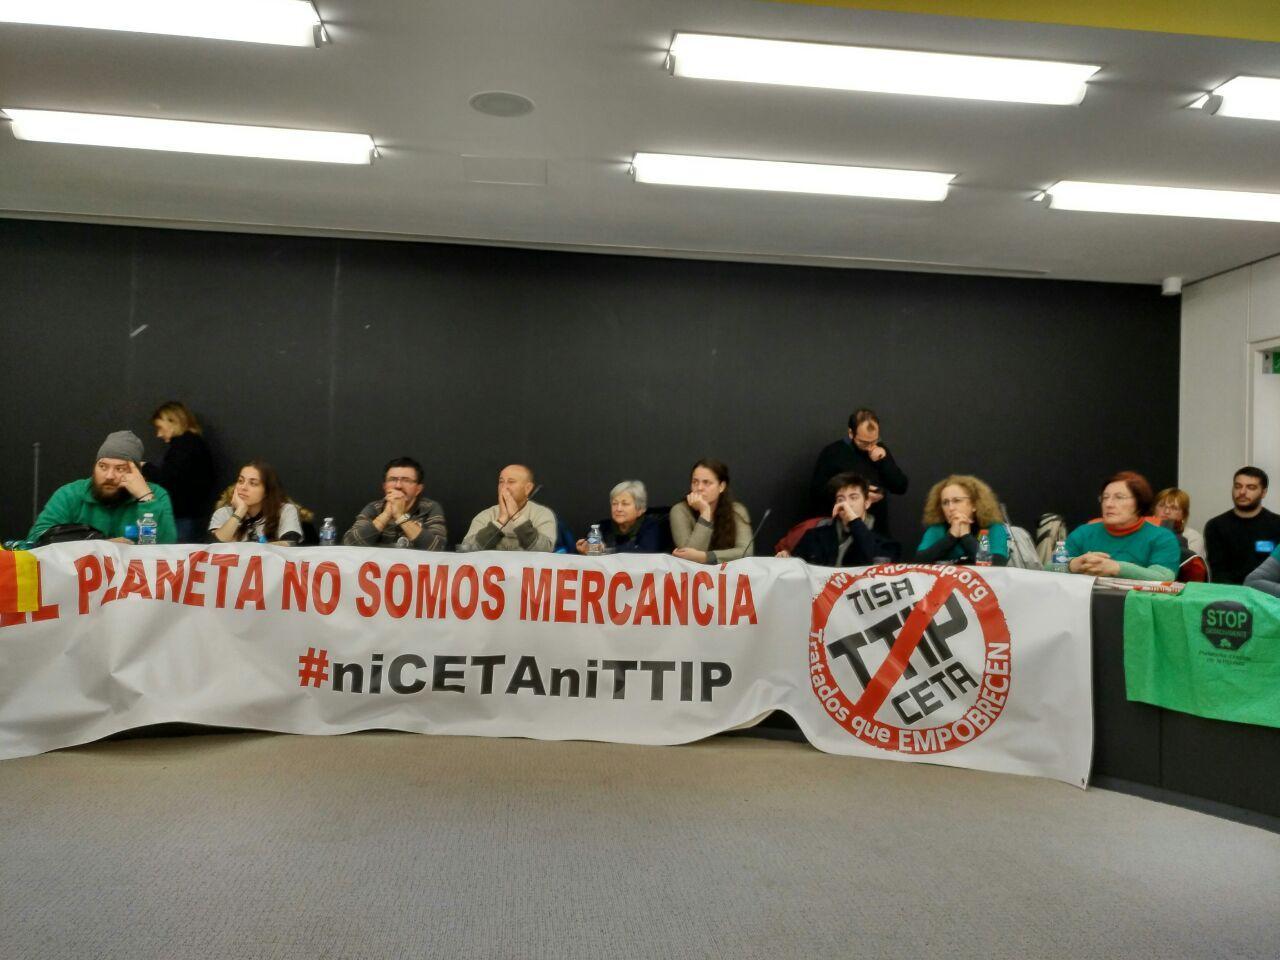 Acto en el PE con activistas del Estado español, de la campaña No al TTIP, CETA y TiSA y varias/os eurodiputadas/os de GUE #votacionCETA https://t.co/l4Q0K0u6YC